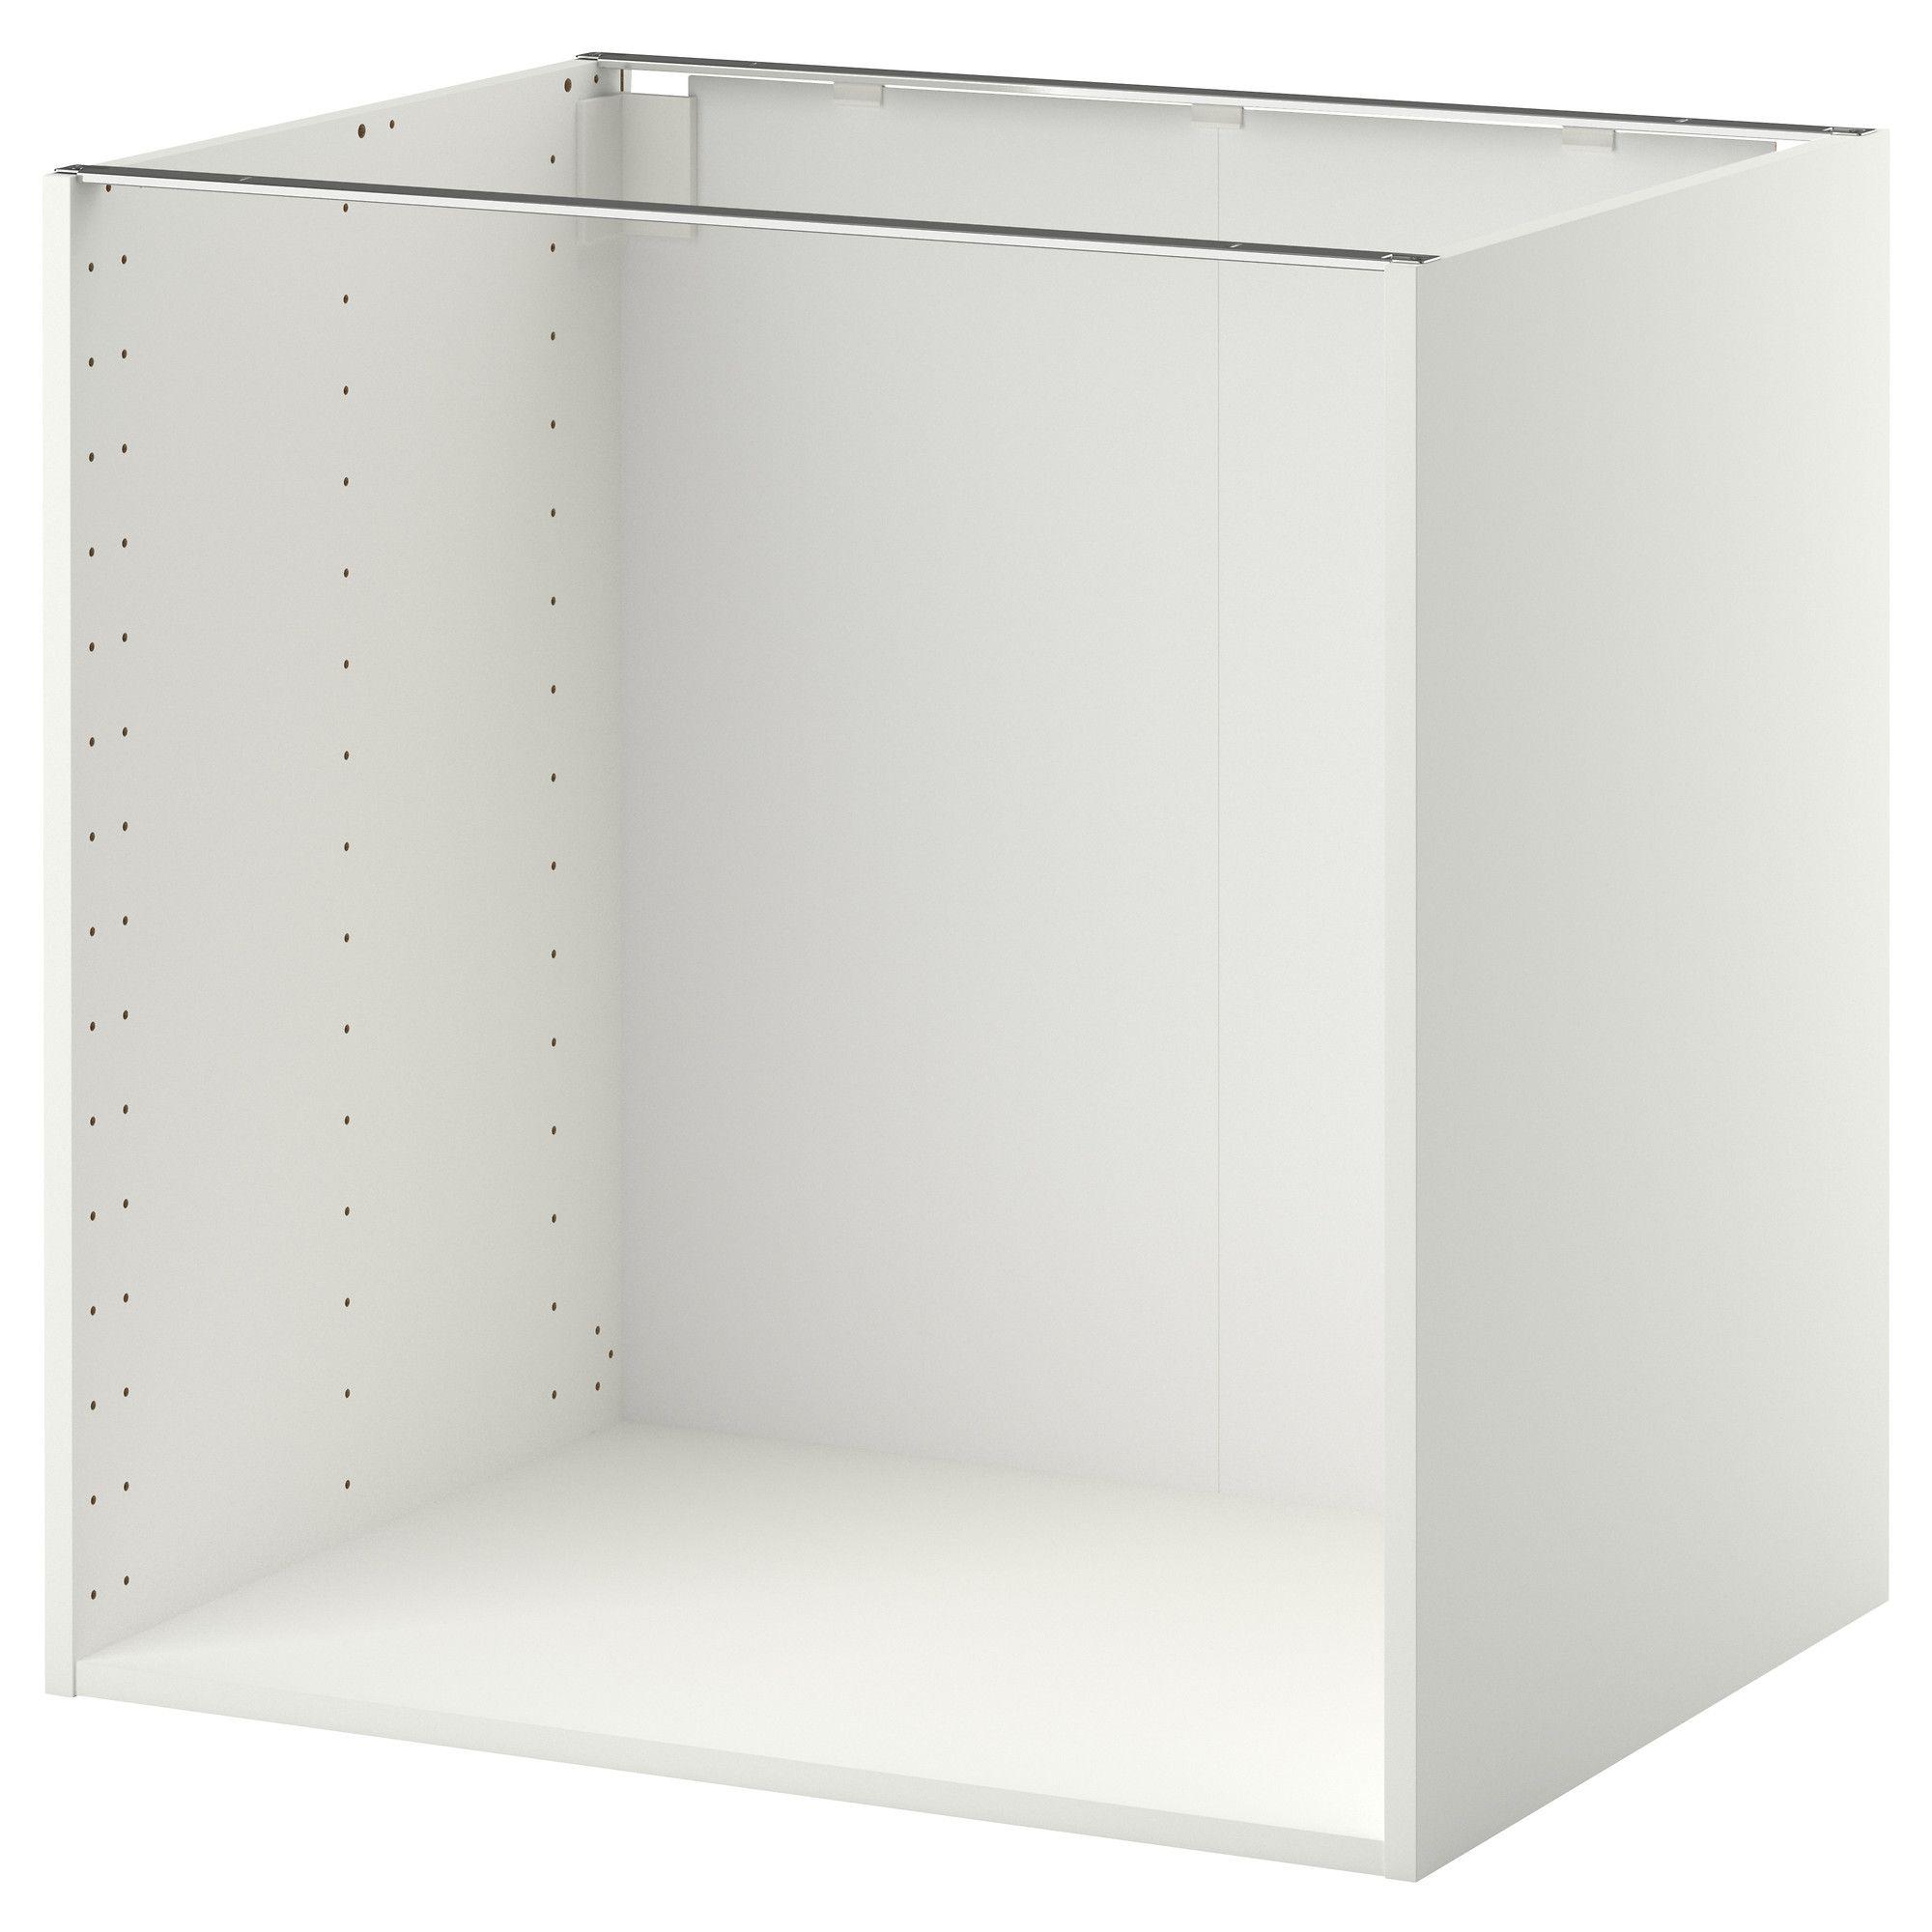 Fabelhaft Badunterschränke Foto Von Metod Base Frame White 80x60x80 Cm